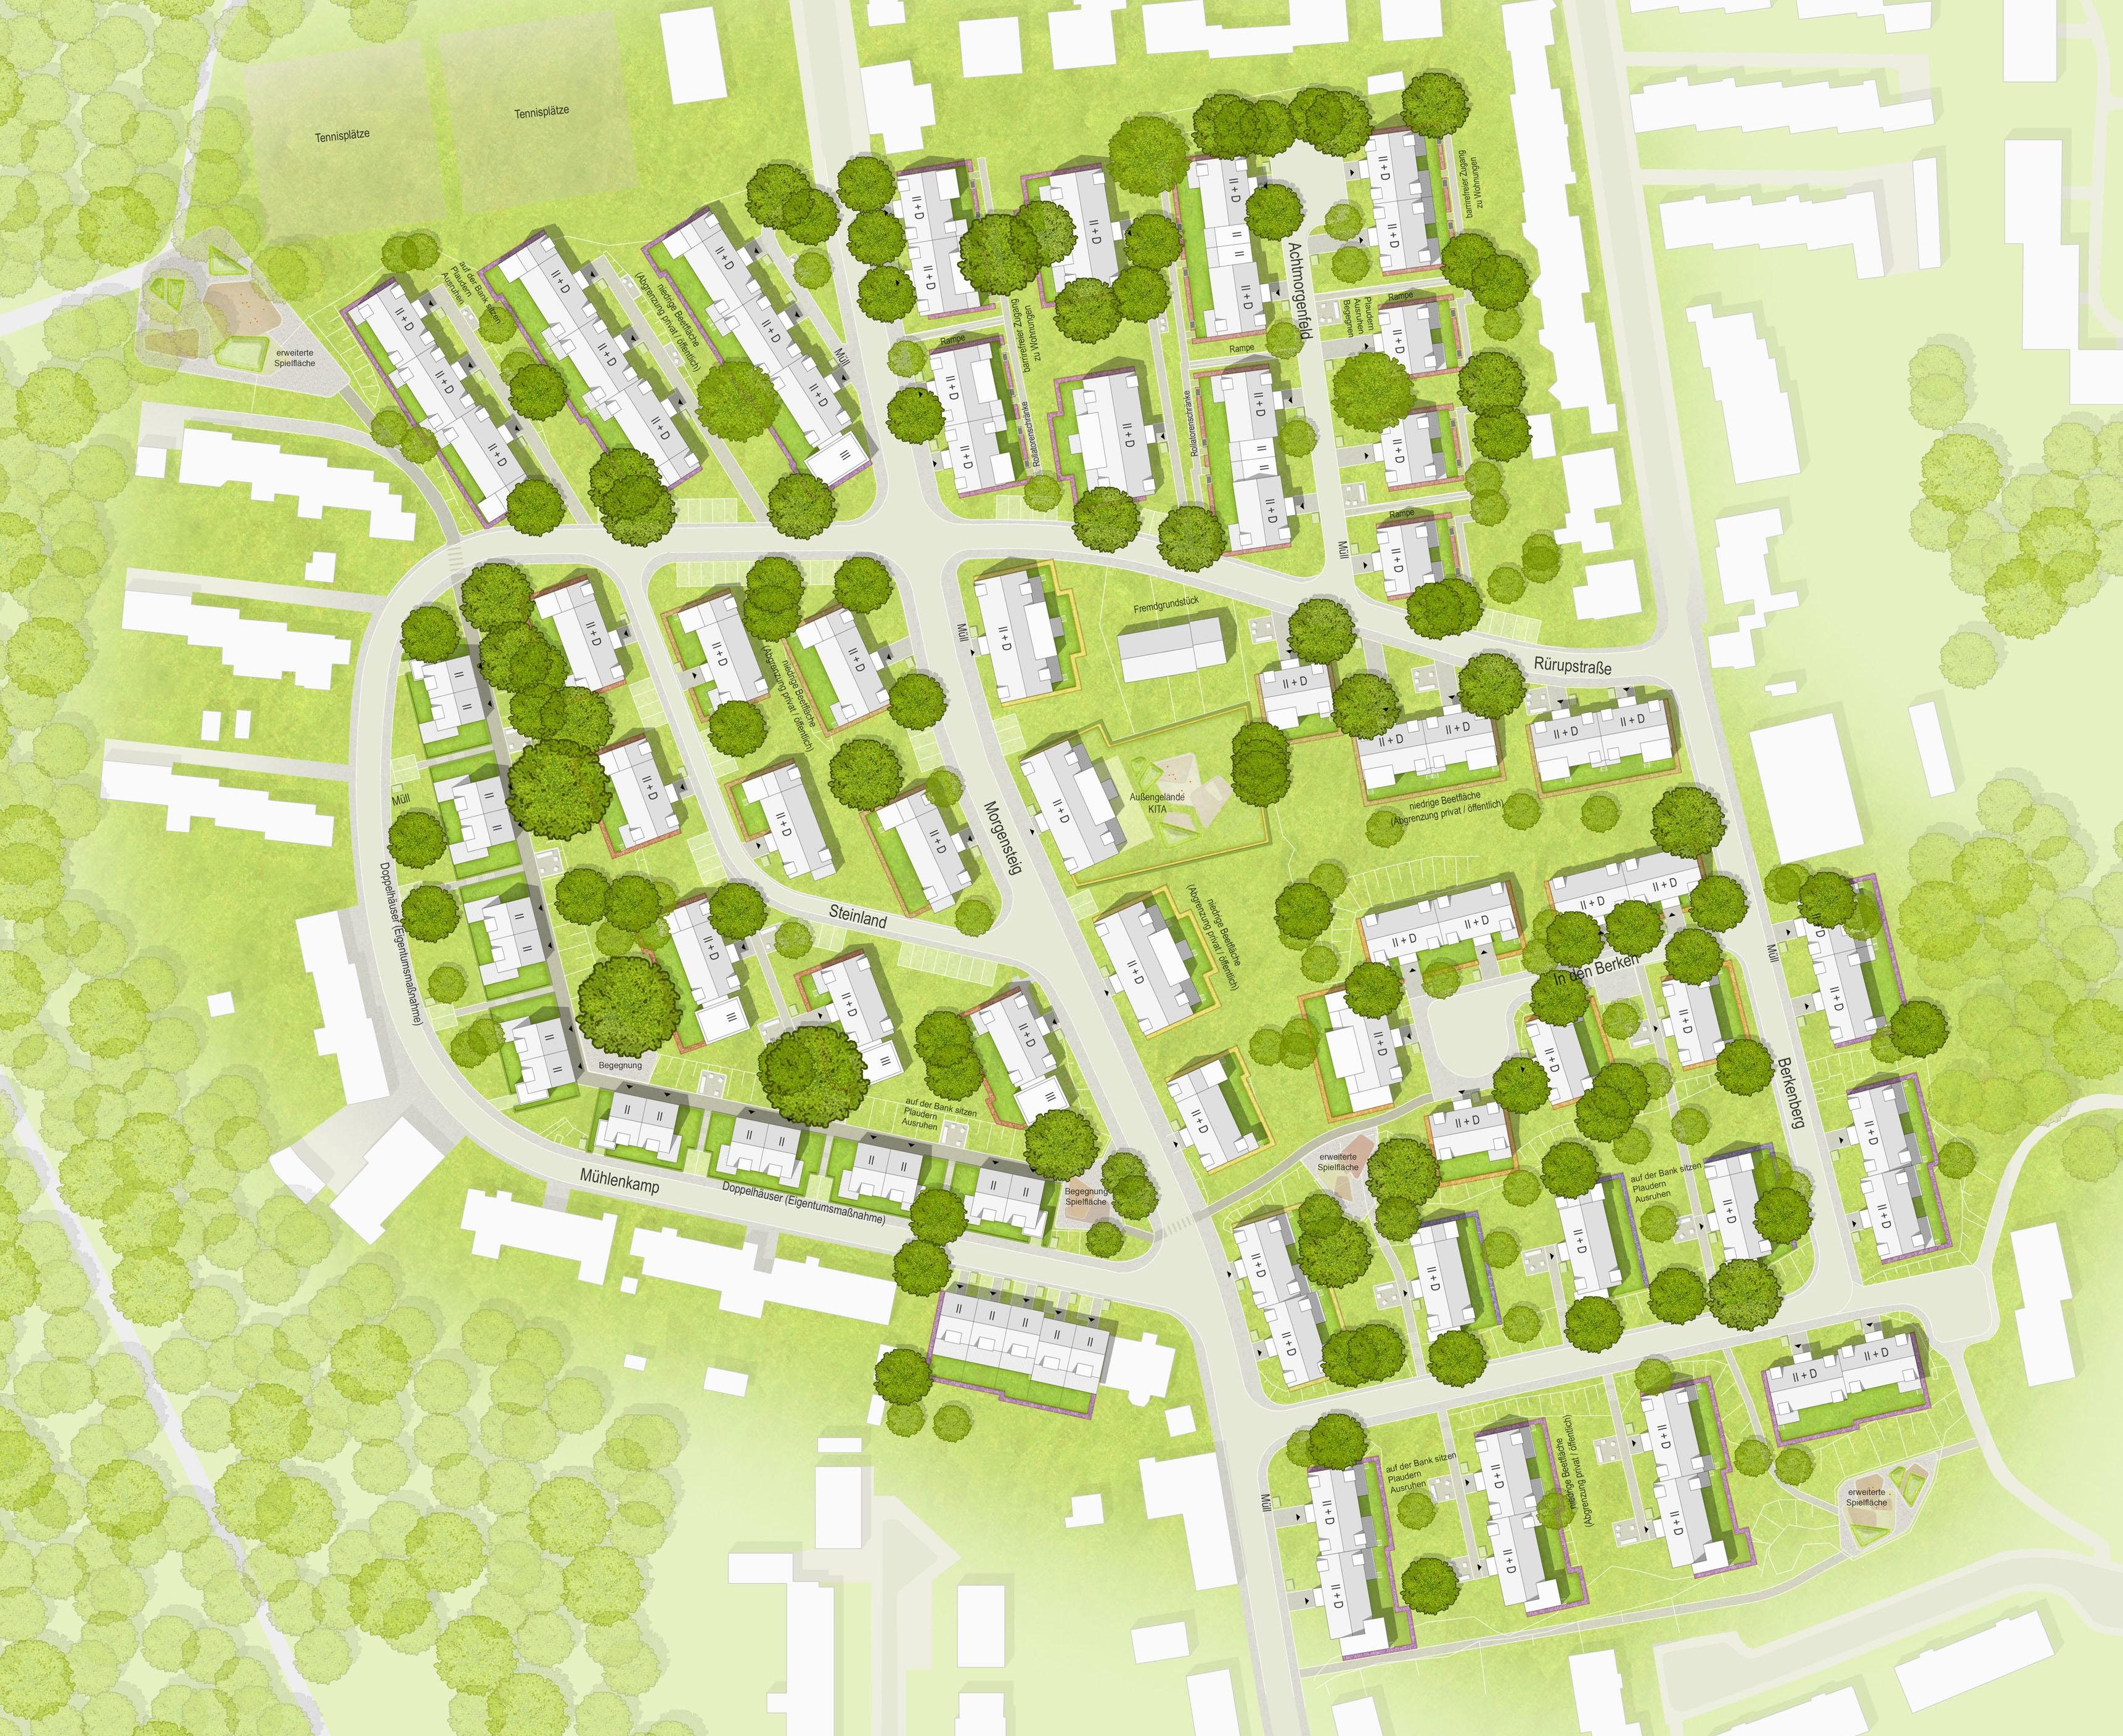 Y:W 1339 Quartiersentwicklung Mühlenkamp Essen�9.2 Dateneingan